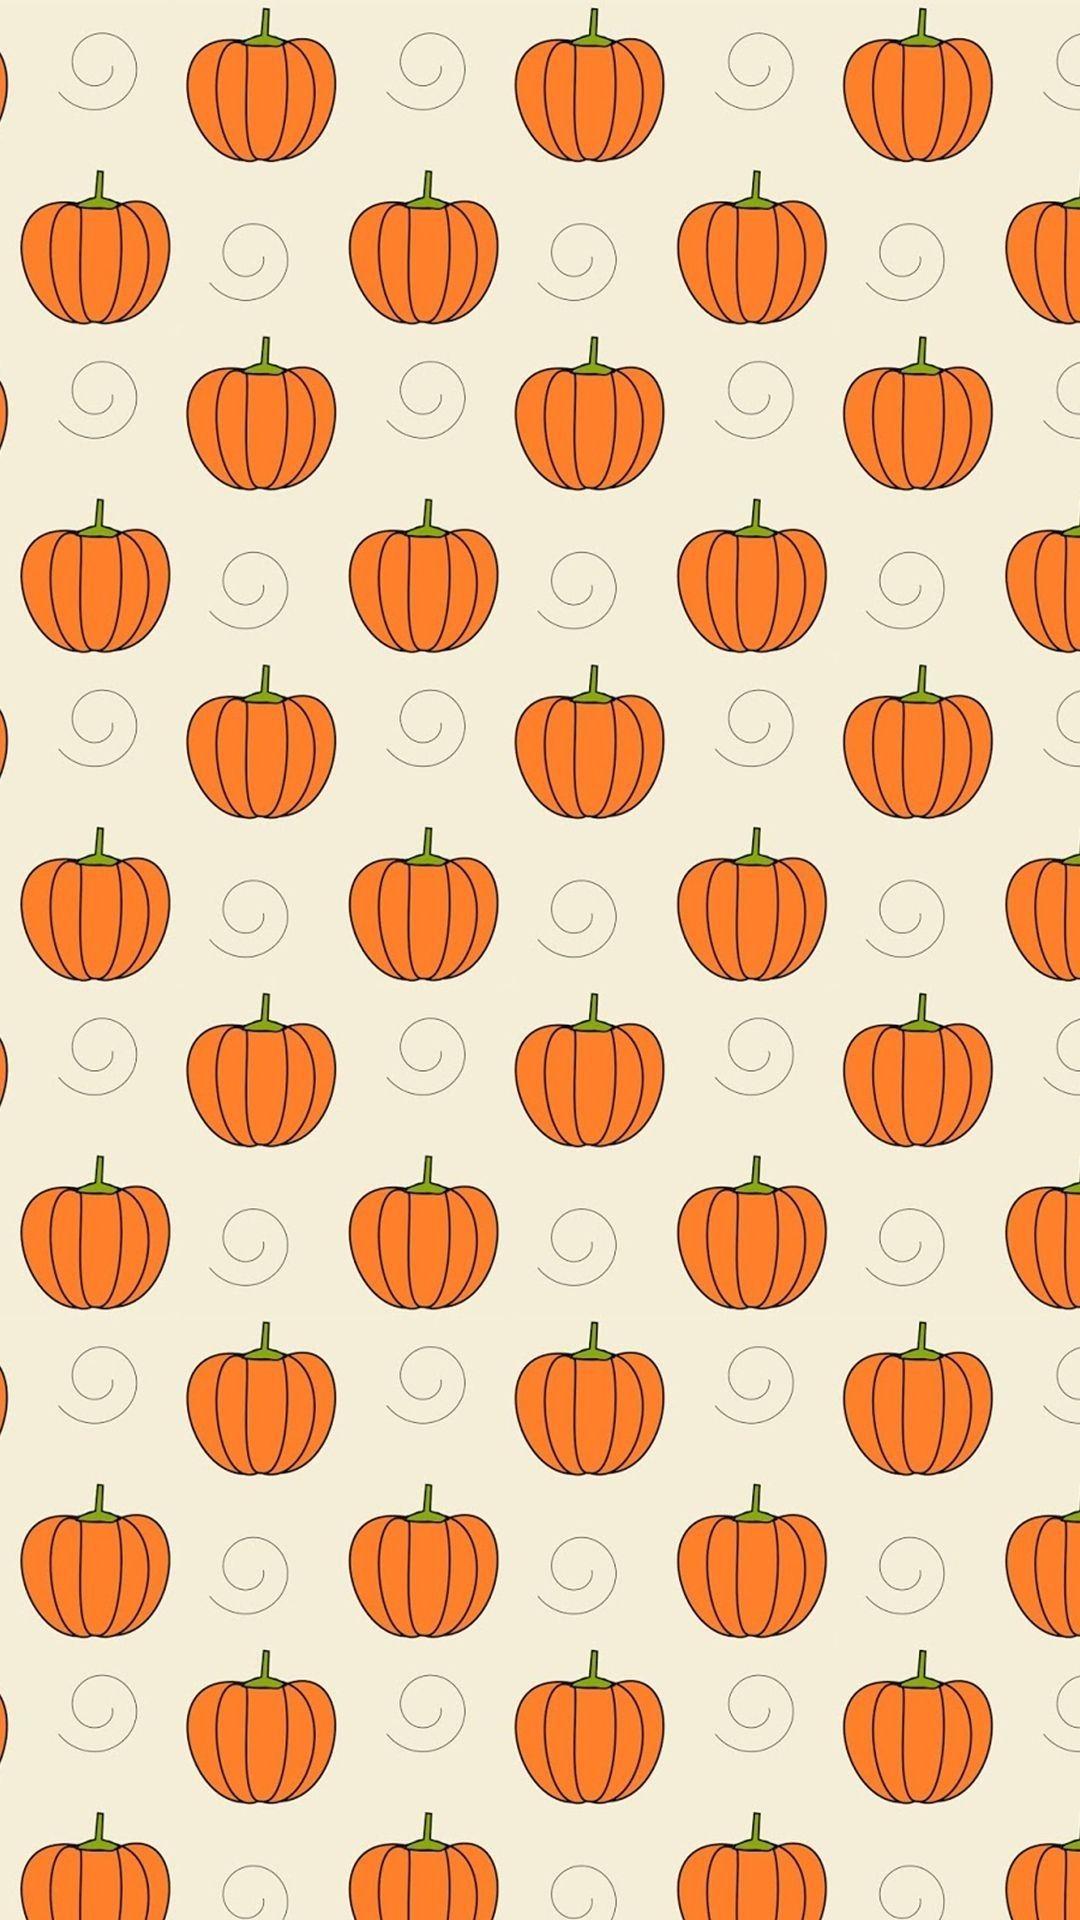 Kawaii Pumpkin Wallpapers Top Free Kawaii Pumpkin Backgrounds Wallpaperaccess